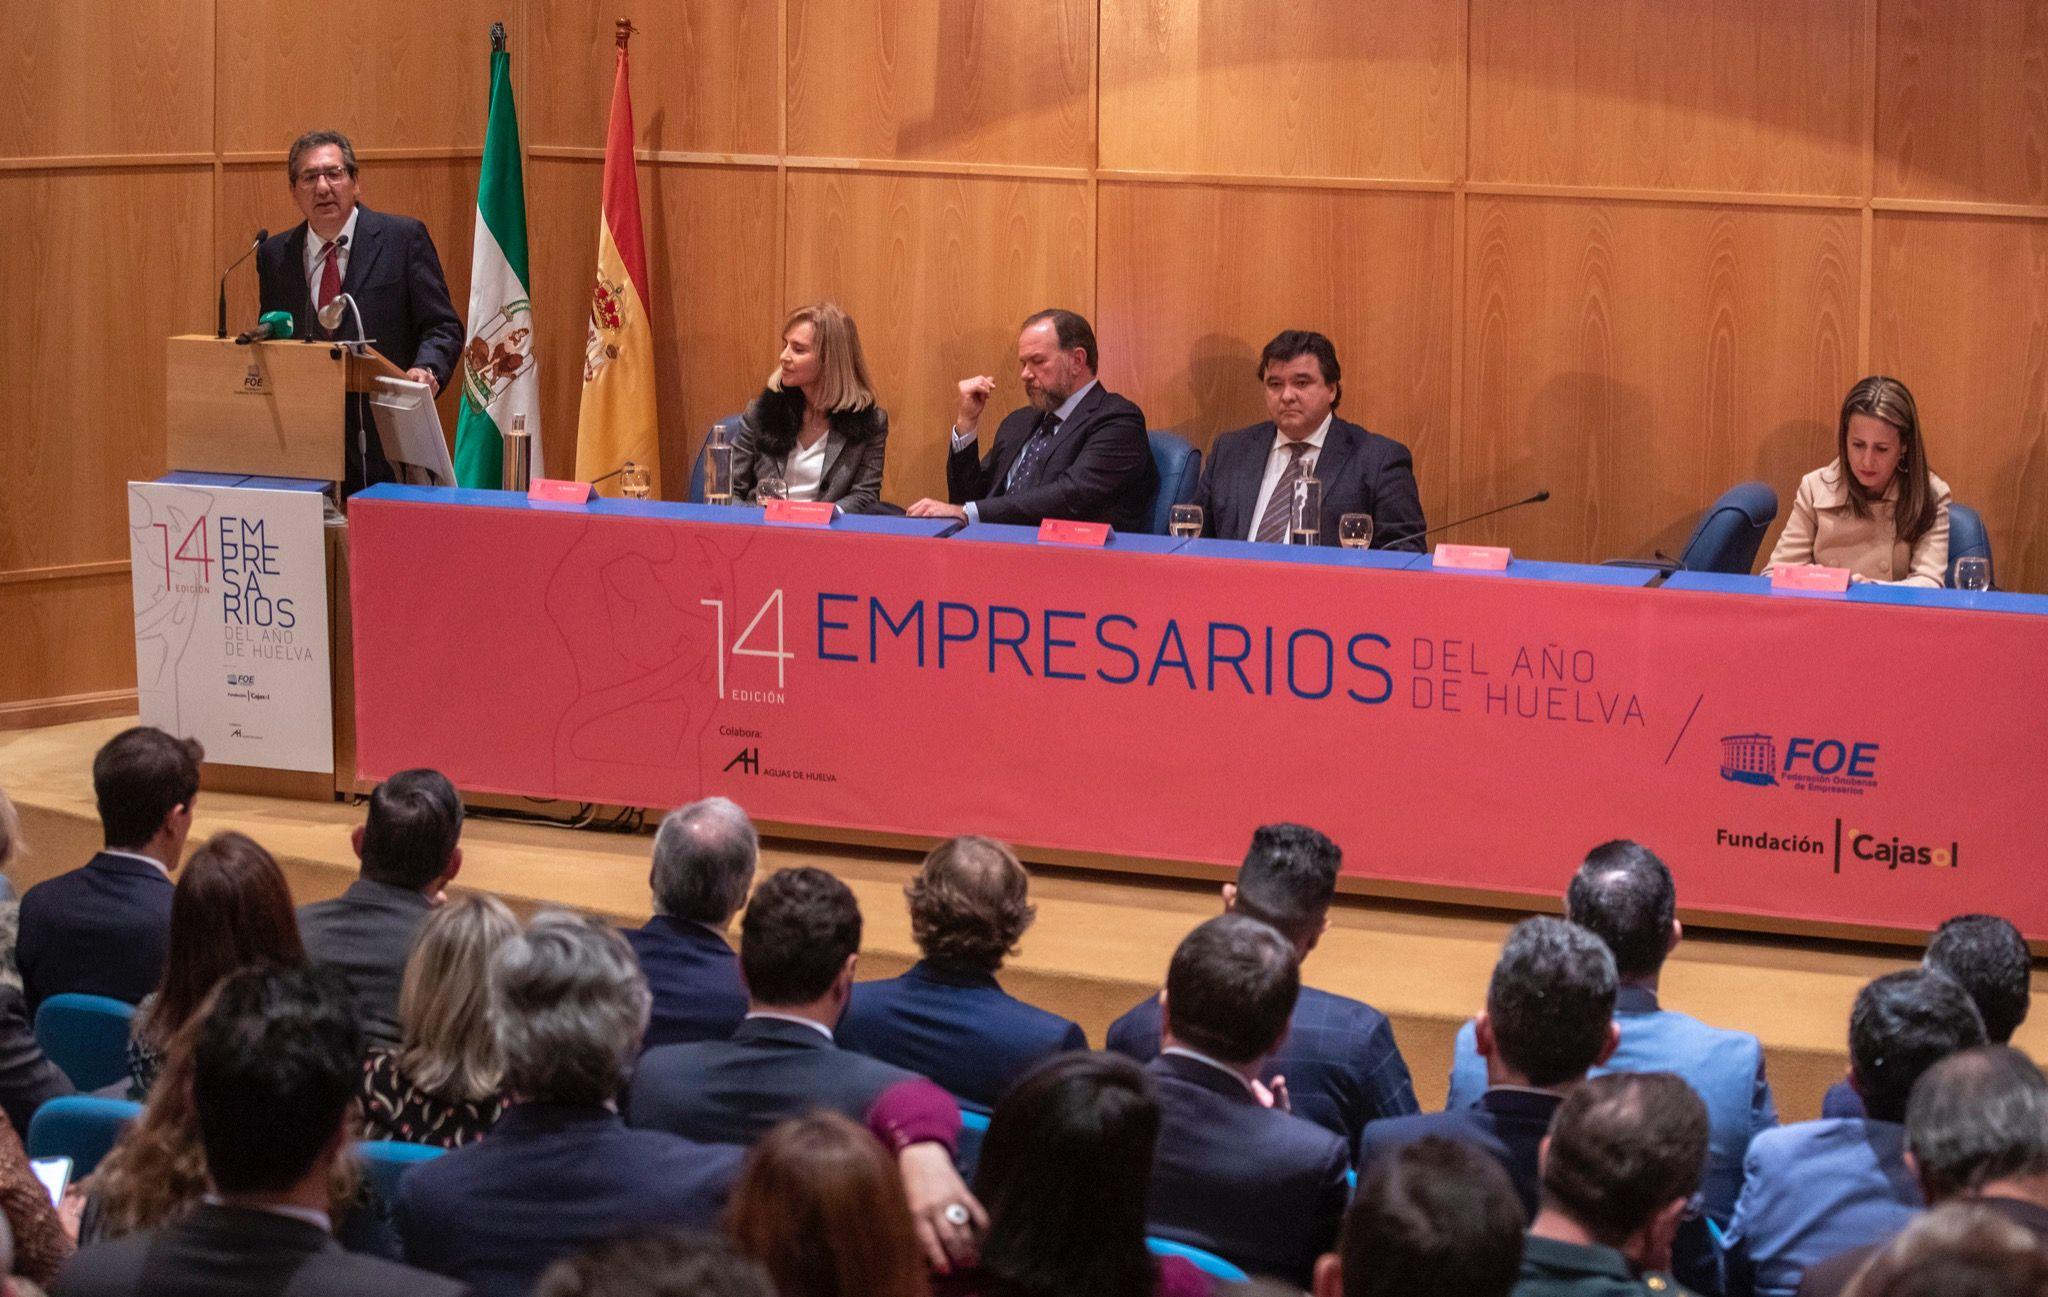 Premios FOE - Fundación Cajasol Huelva